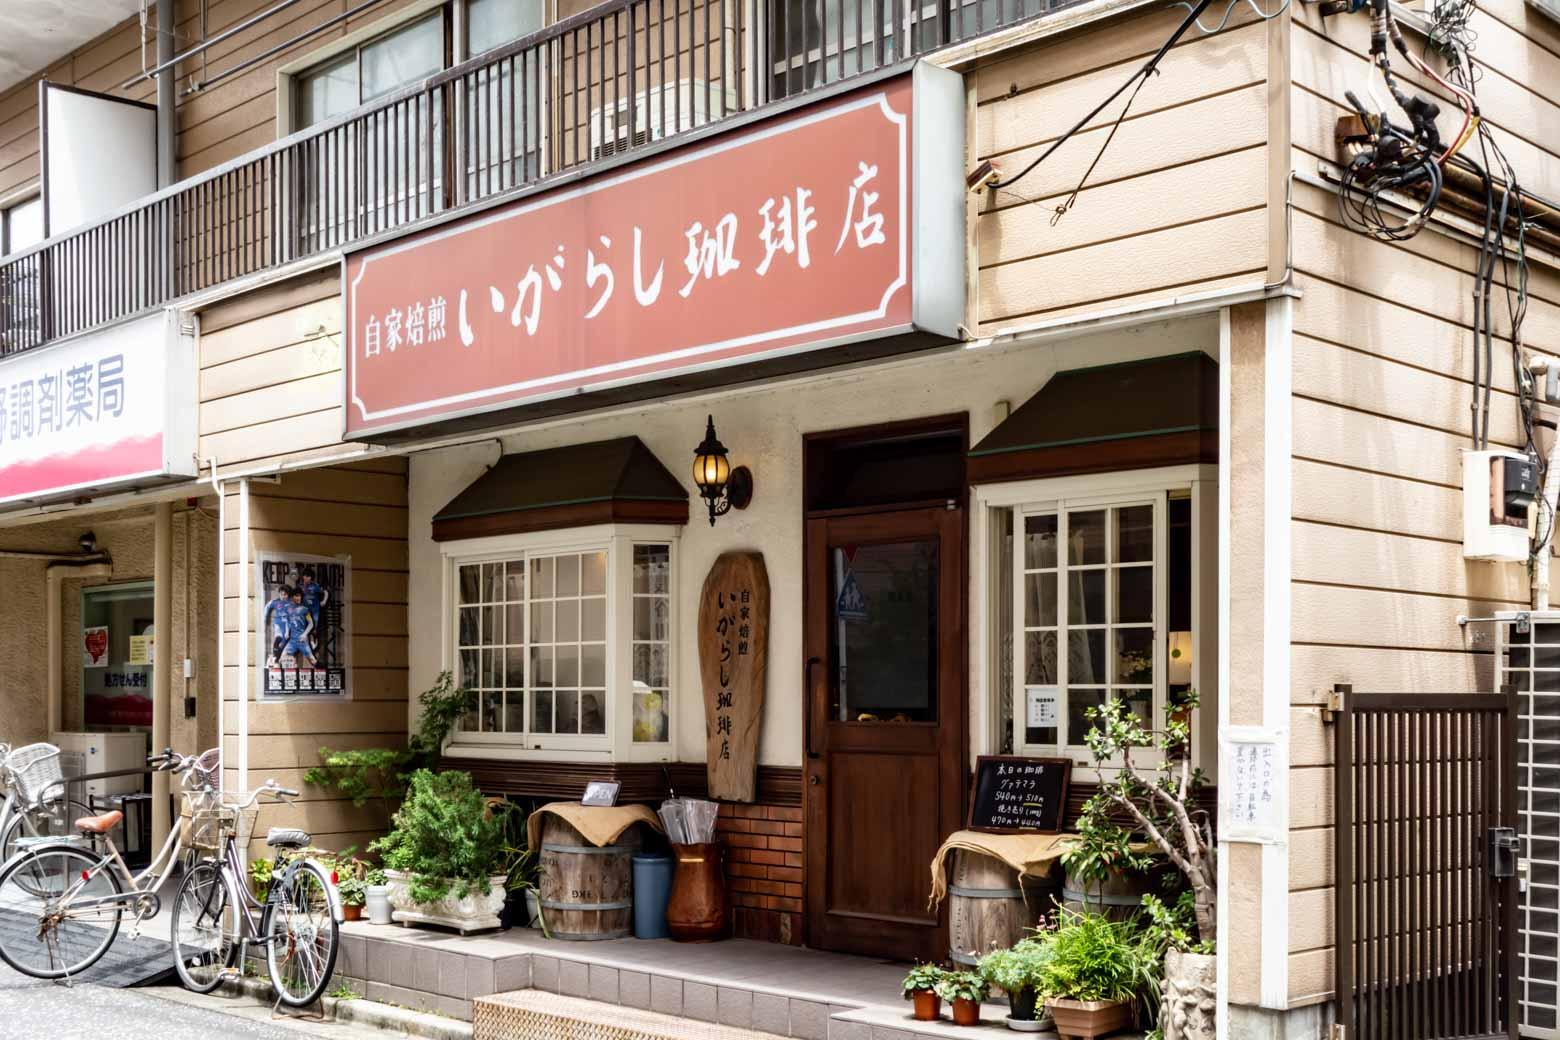 ゆっくりお喋りしたいときにおすすめの喫茶店。コーヒーだけではなく、デザートもちょっと驚いてしまうぐらい美味しかったです。